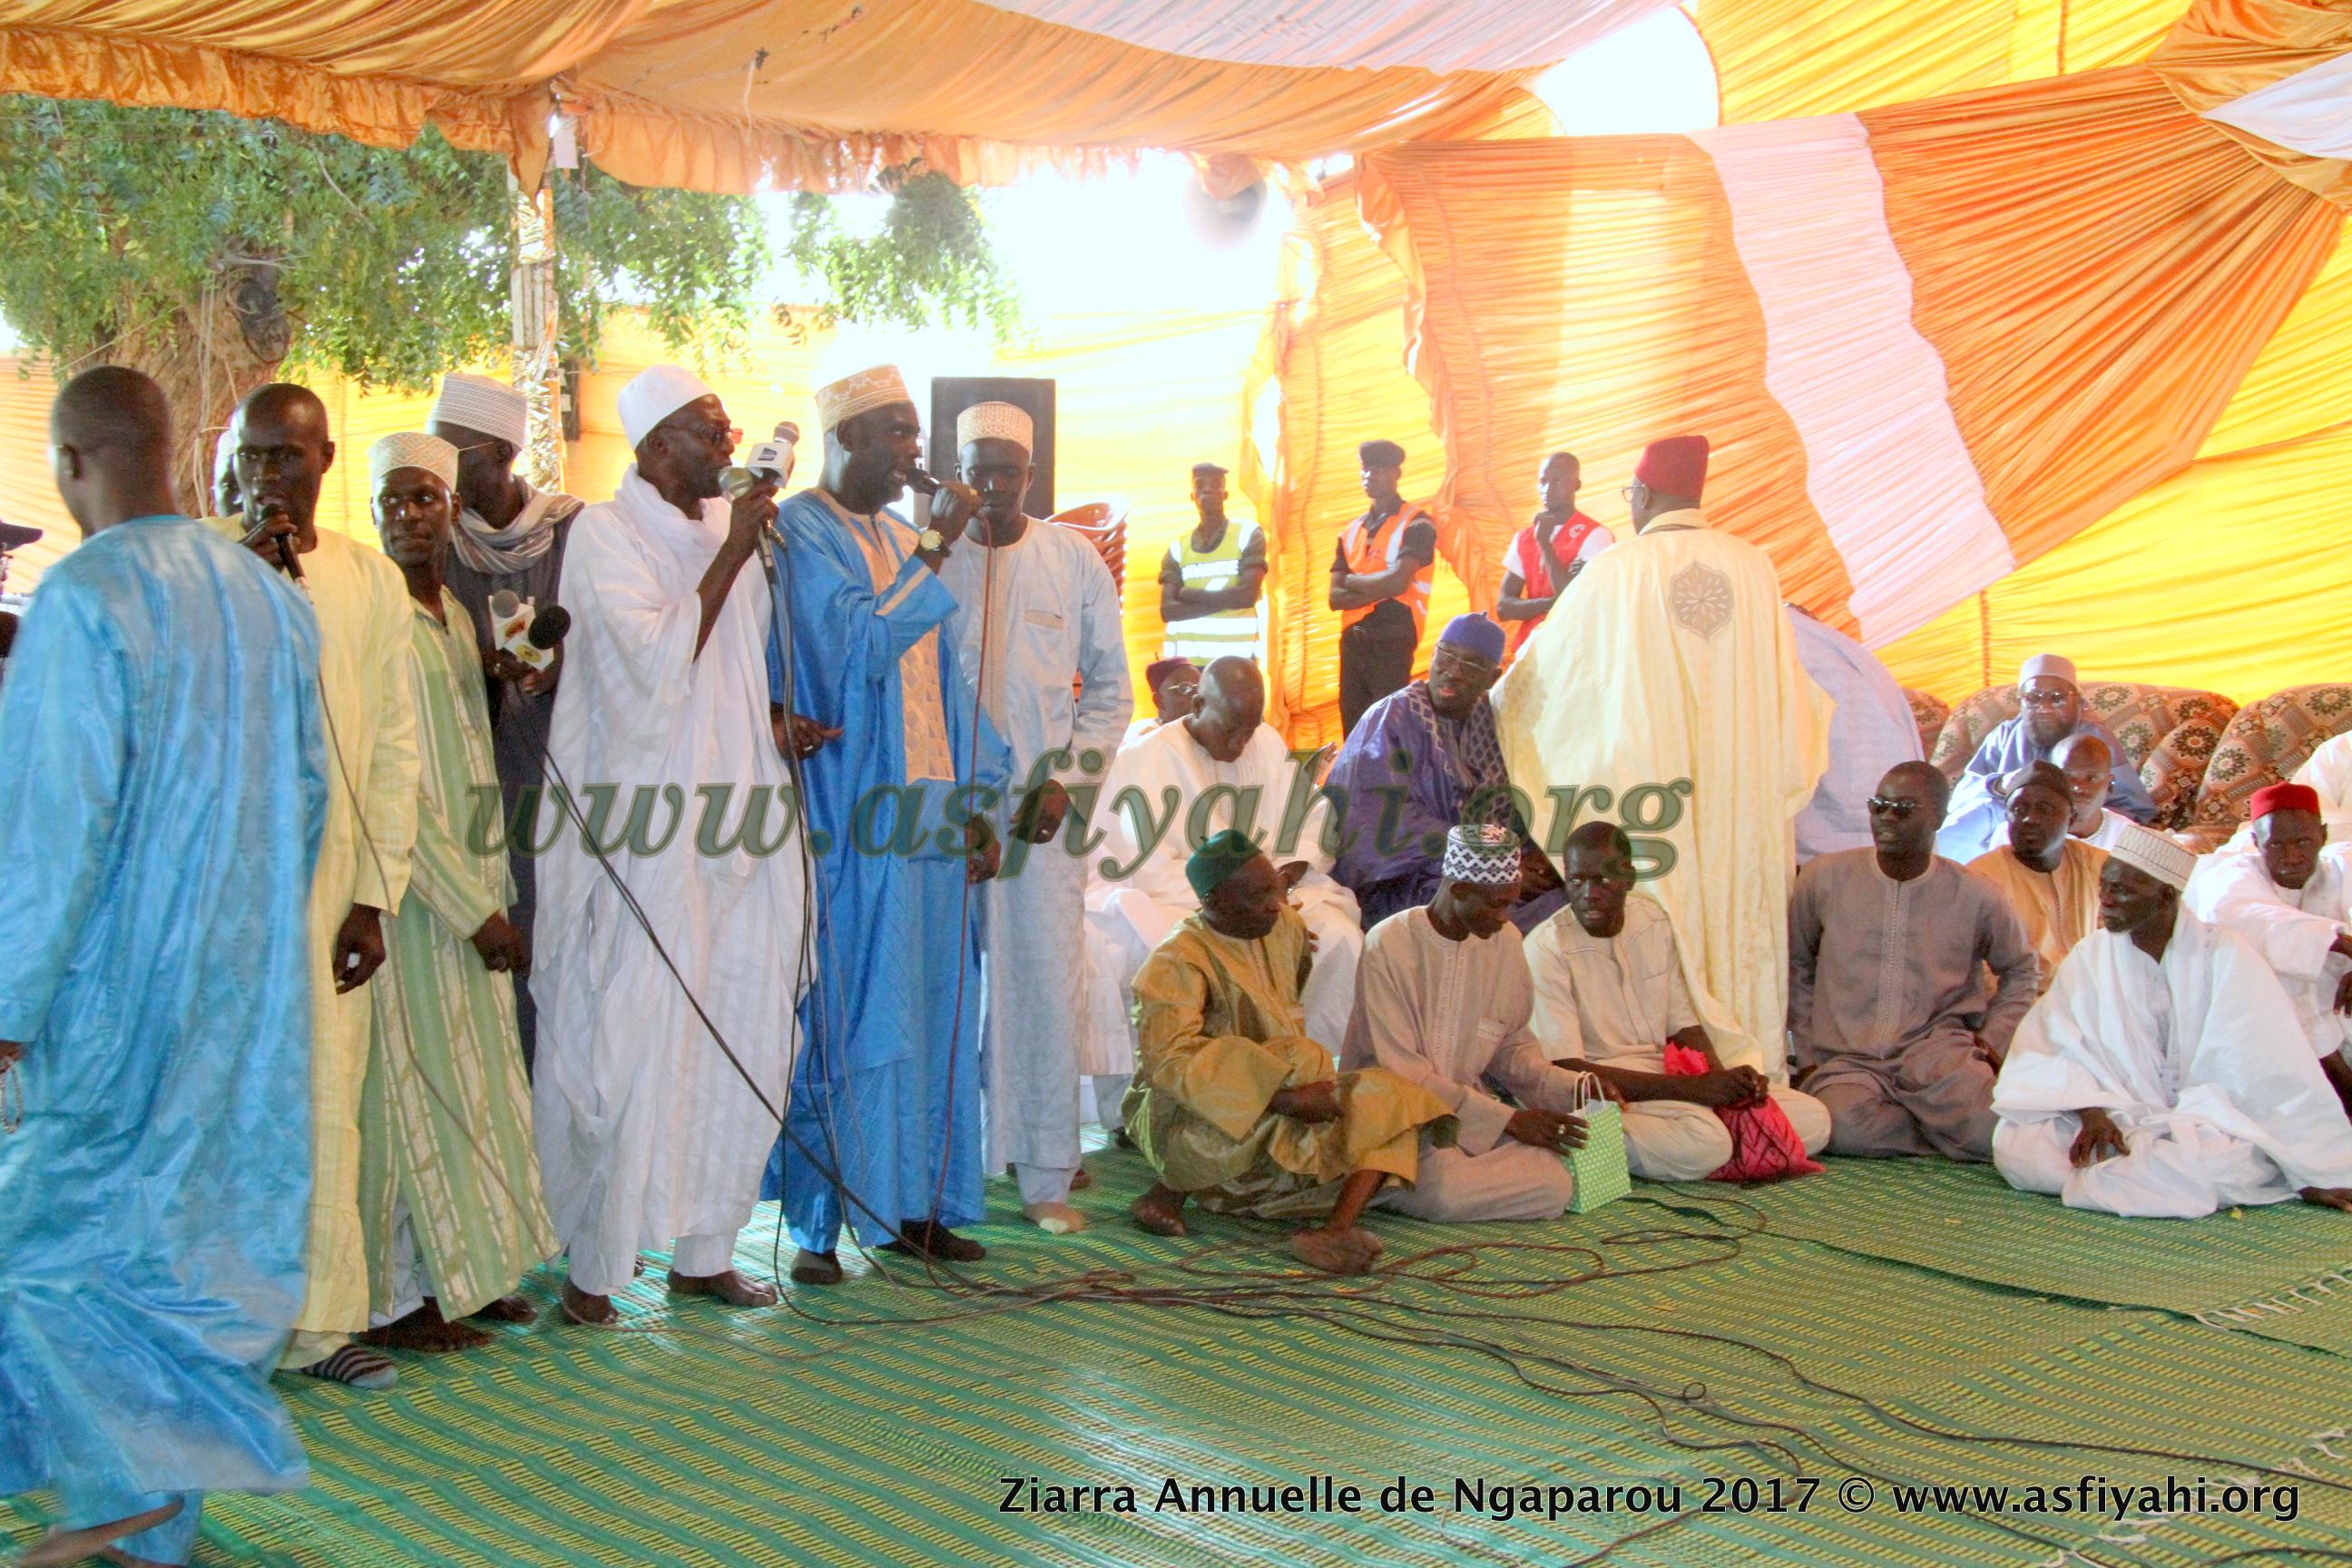 PHOTOS - Les Images de la Ziarra Annuelle de Ngaparou 2017 dédiée à El Hadj Elimane et  Ibrahima Sakho, organisée ce Samedi 11 Mars 2017